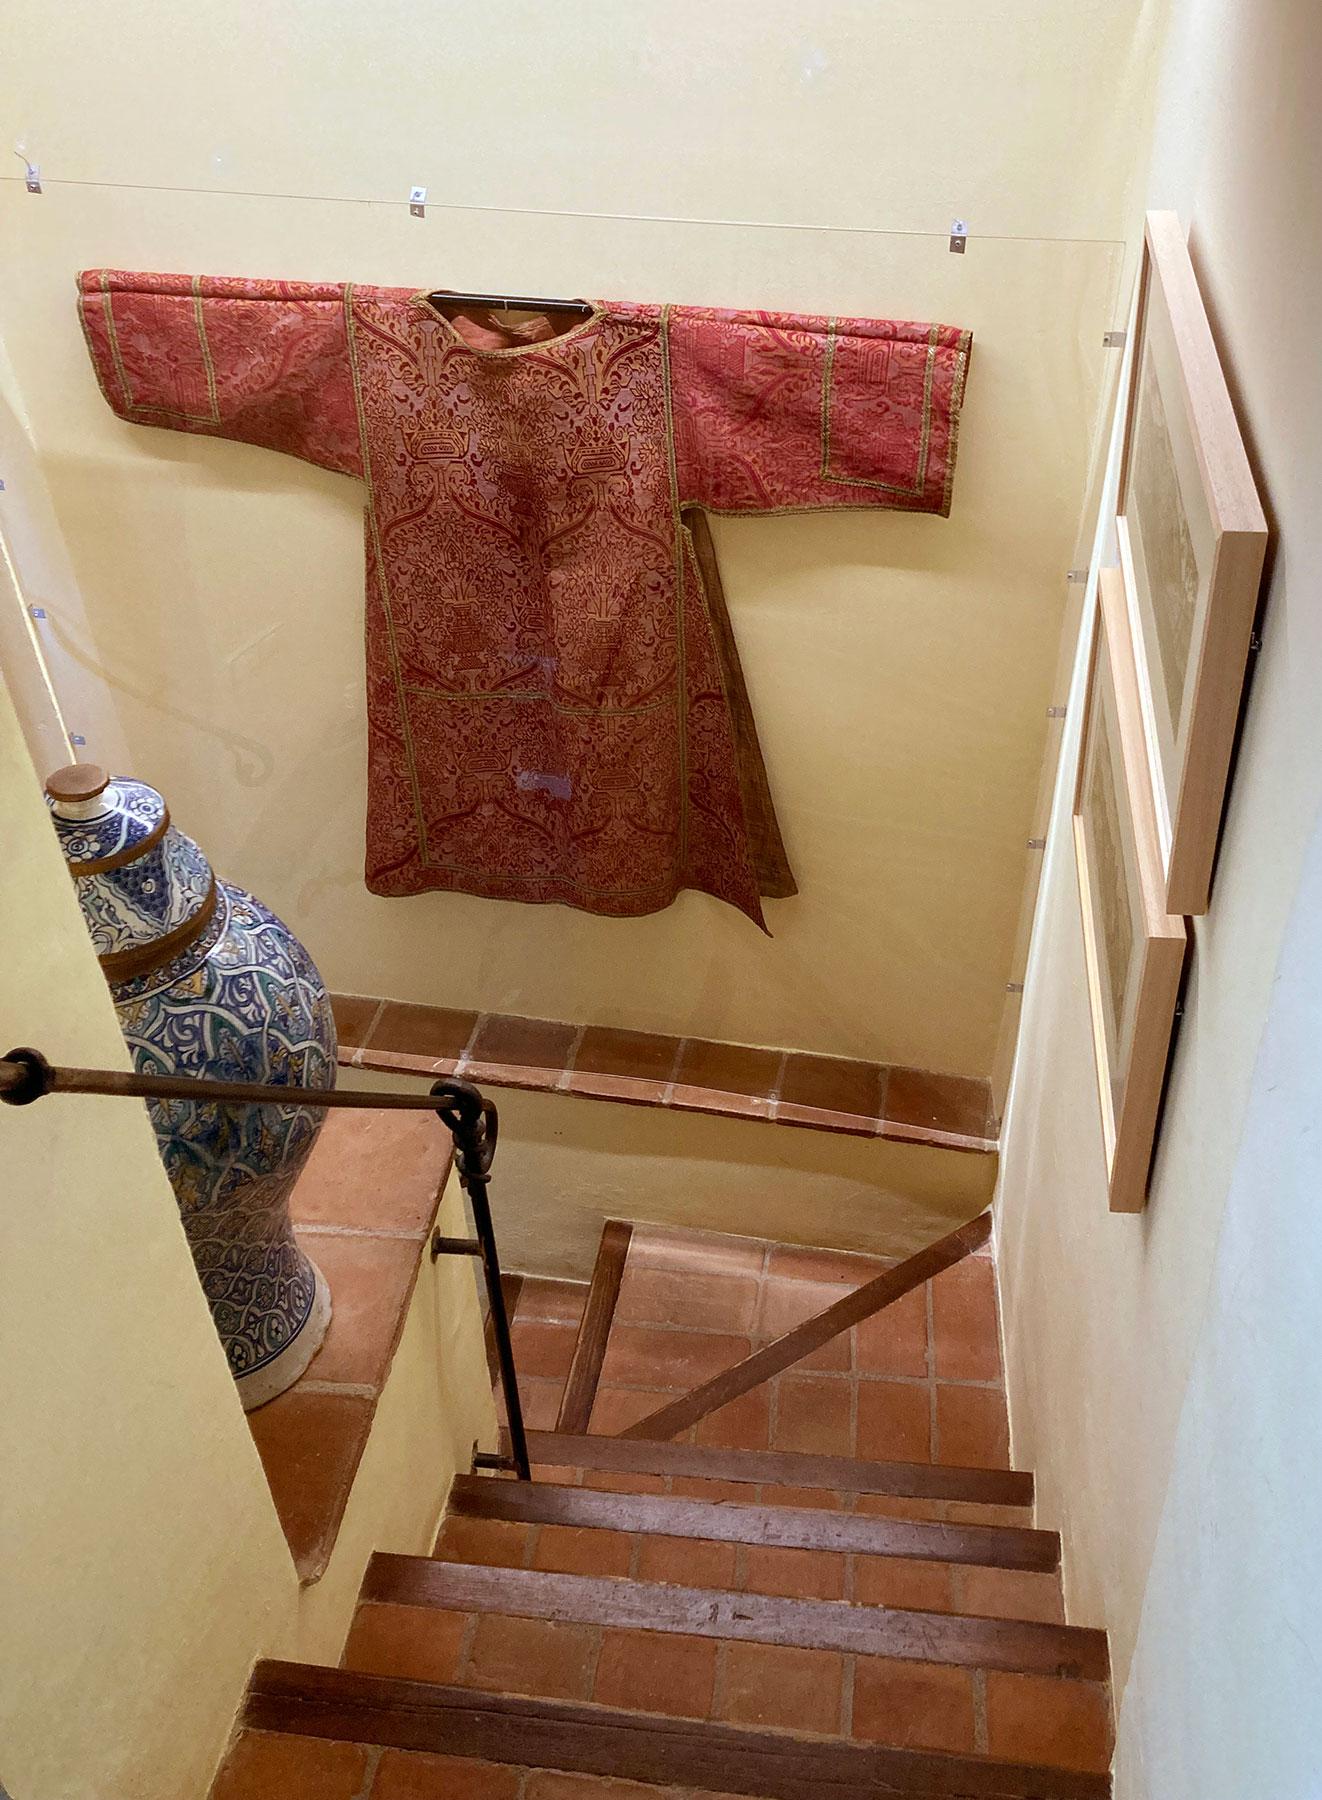 Escaleras con dalmática roja y oro expuesta